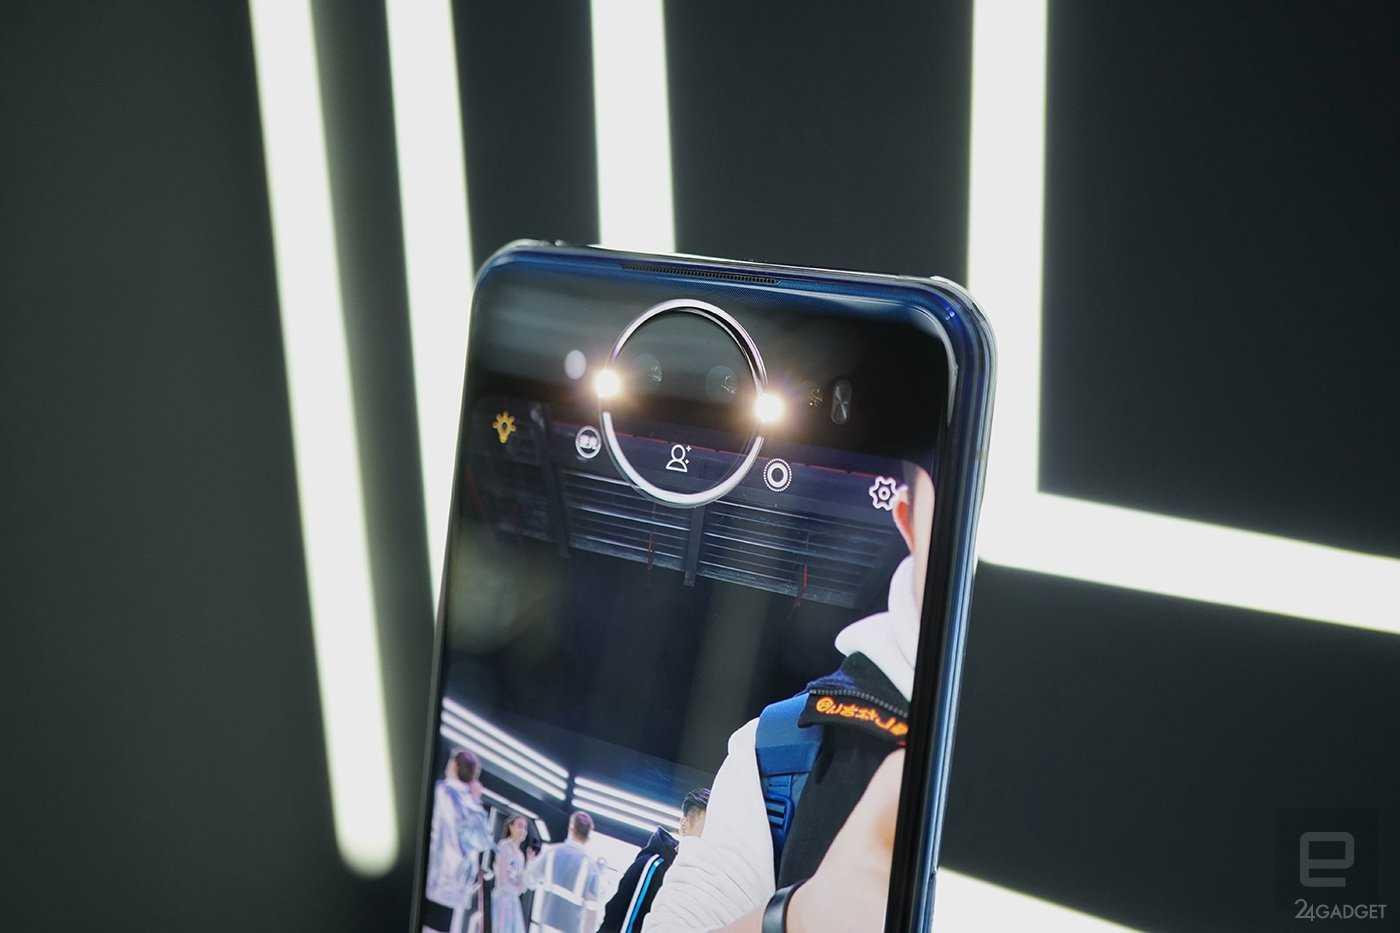 Как у nokia 3250: vivo запатентировала смартфон с необычным дисплеем (фото) - телеграф ► последние новости